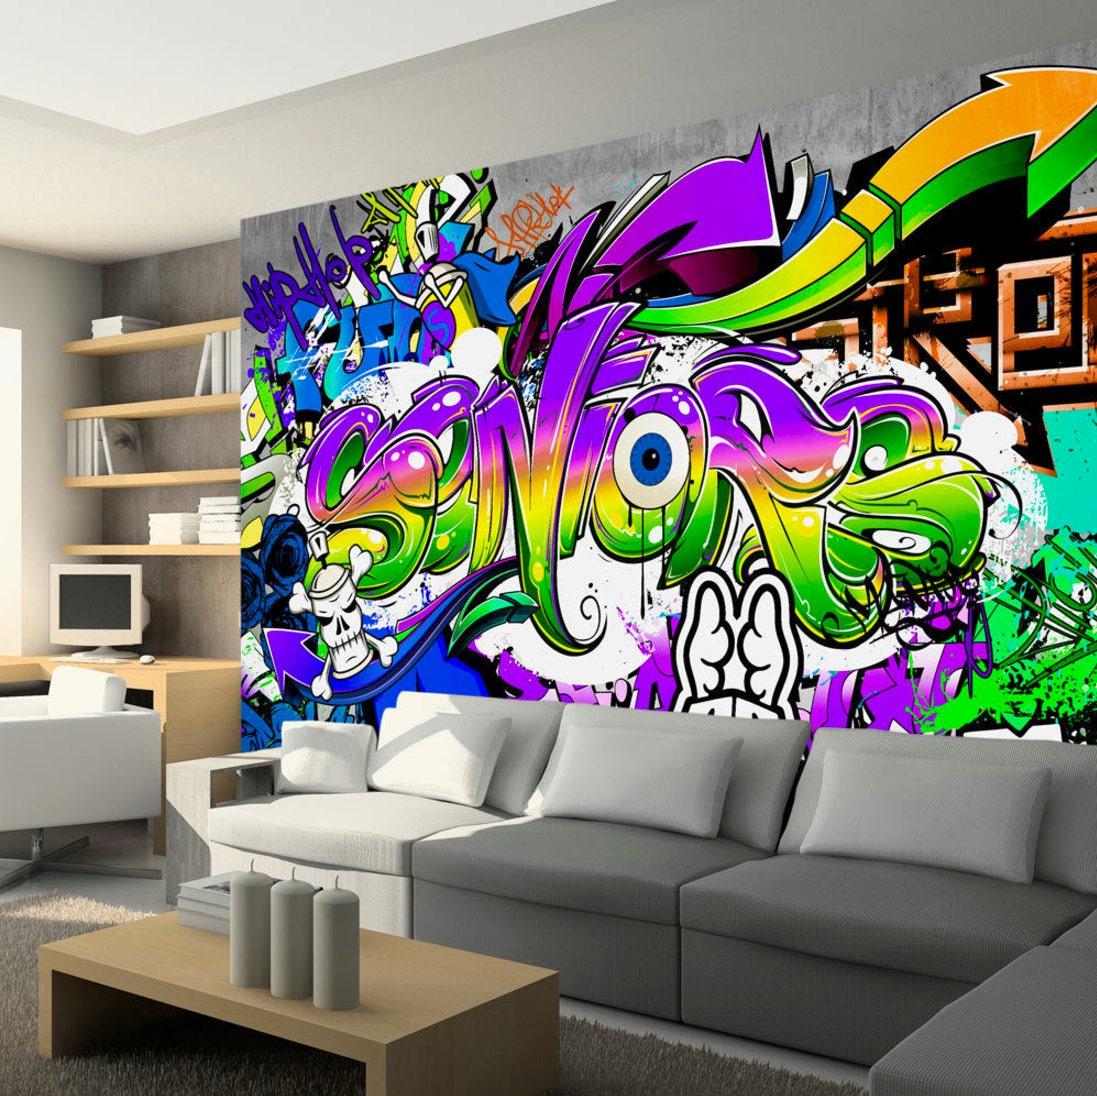 Bedroom Wall Art Graffiti: Photo Wallpaper Wall Murals Non Woven Graffiti Art Modern